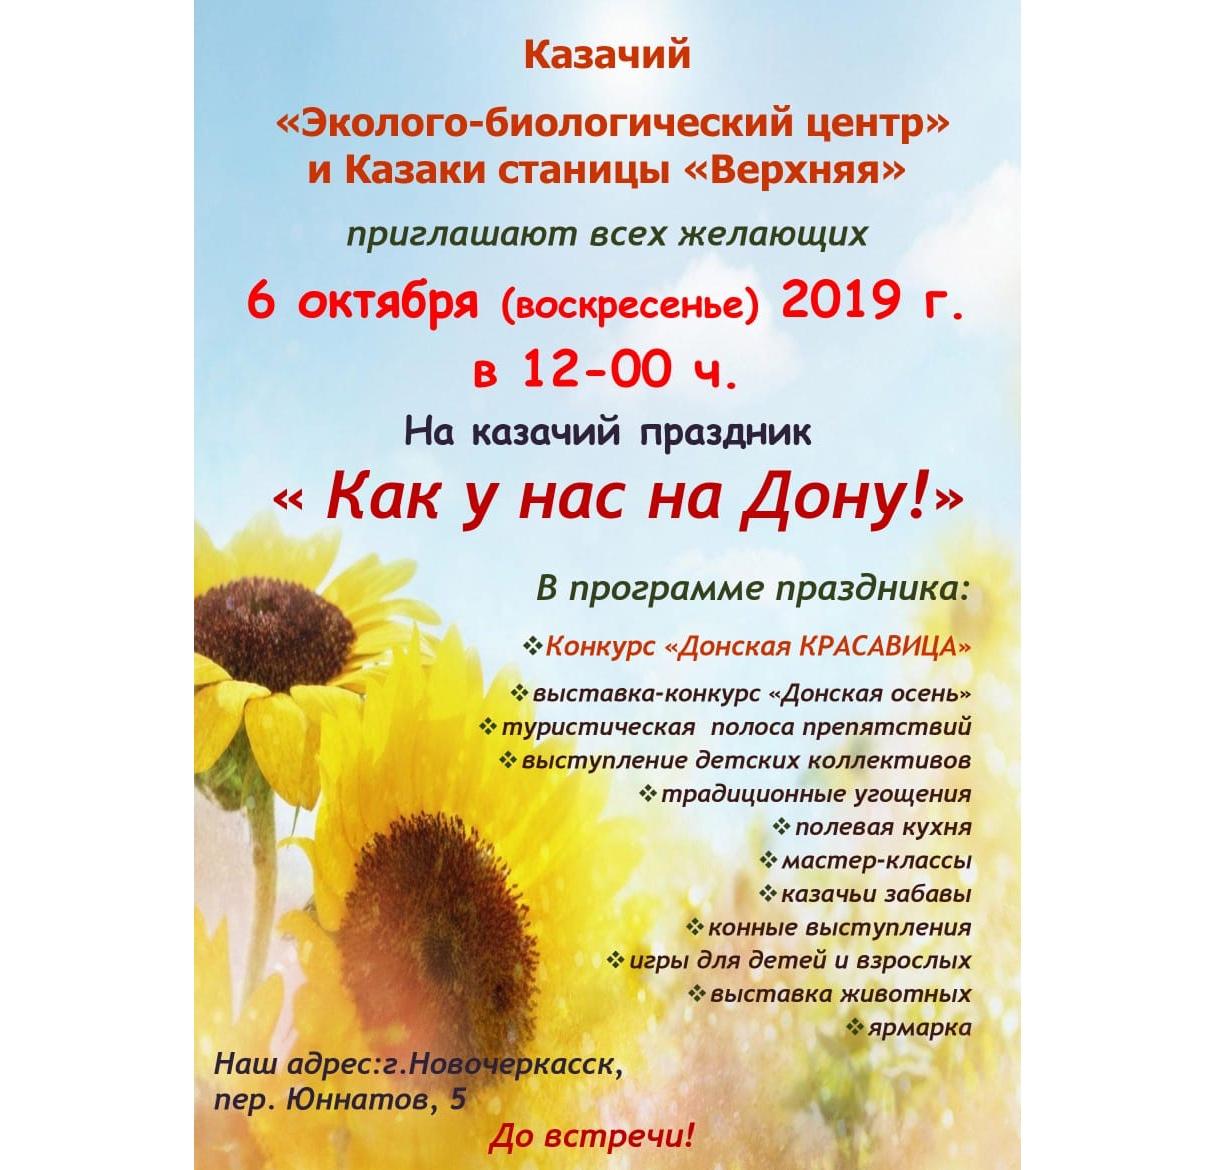 Казачий праздник «Как у нас на Дону» 6 октября